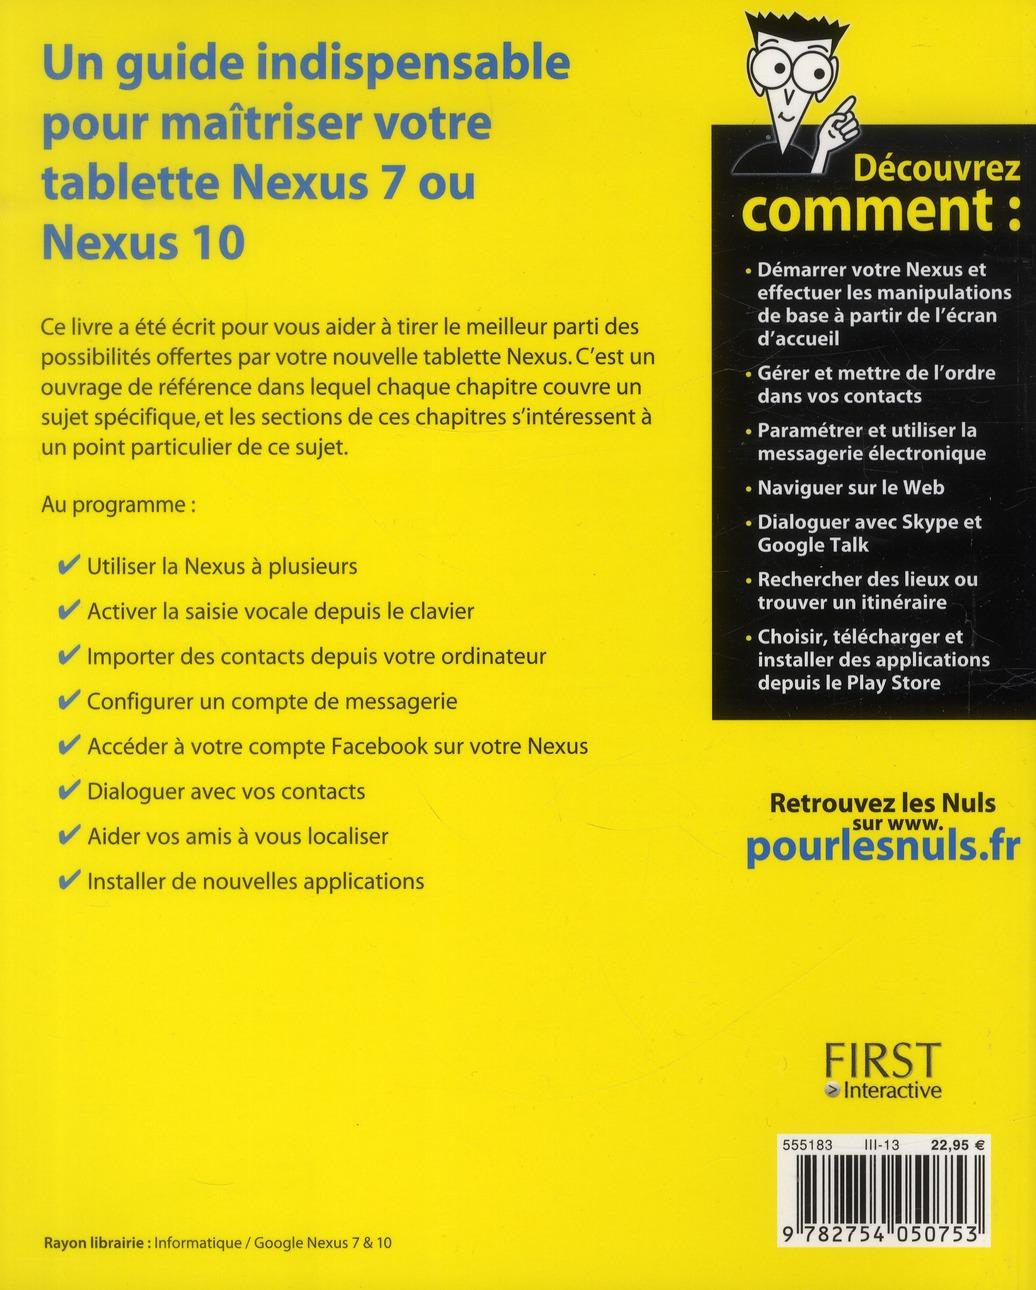 tablette Google Nexus 7 & 10 pour les nuls